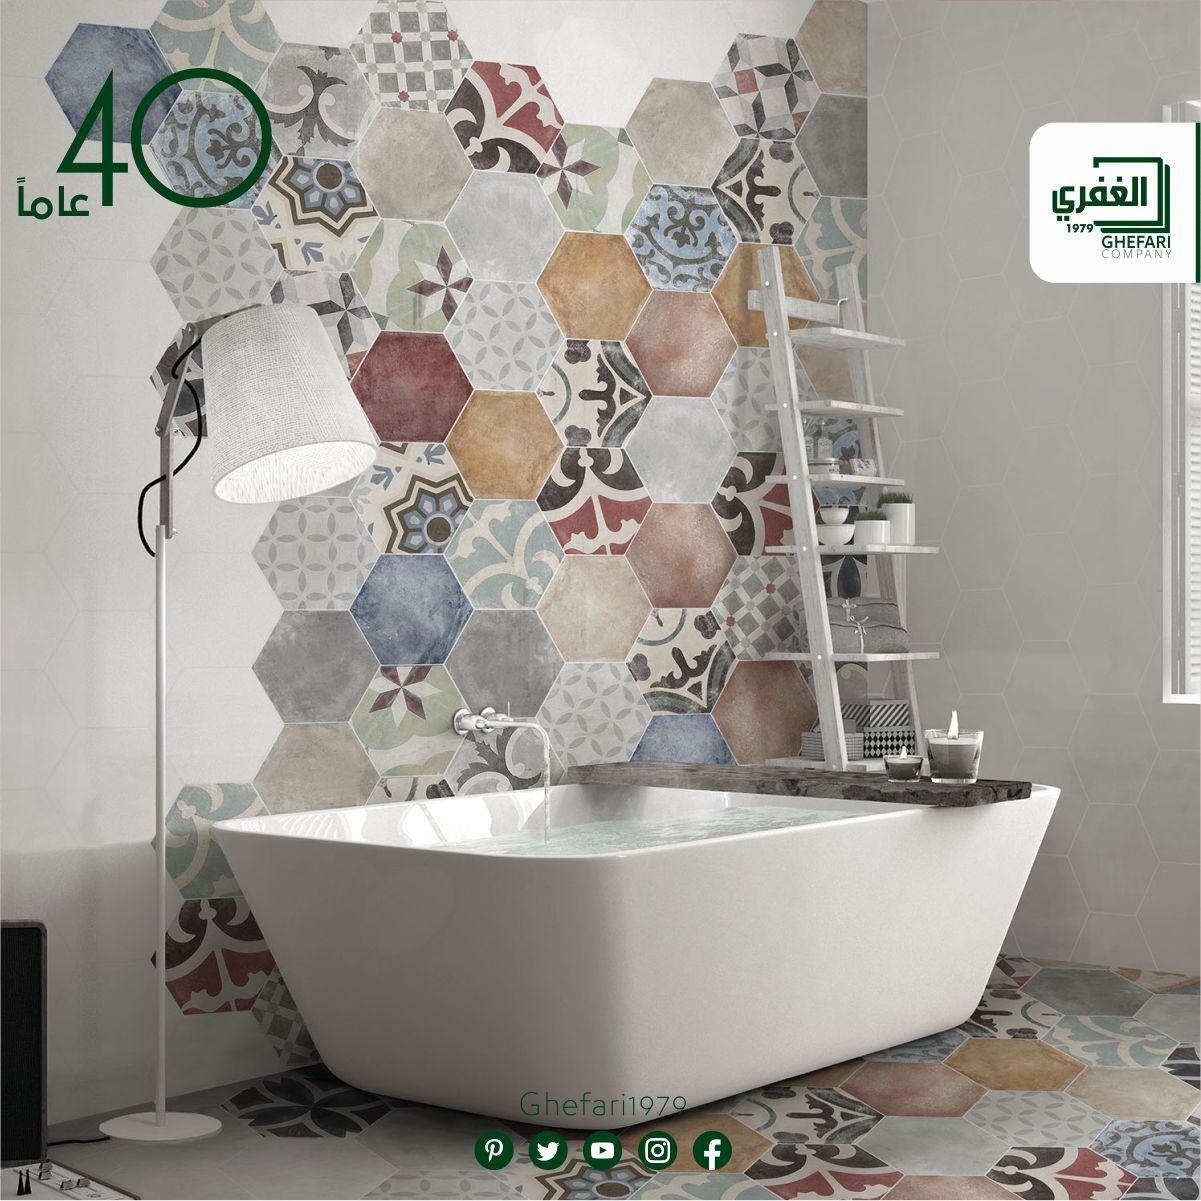 لا تكن تقليديا وتميز بورسلان ارضي حوائط حمامات مطبخ اسباني الصنع مقاس 23x27 لل Bathroom Inspiration Decor Hexagon Tiles Bathroom Interior Design